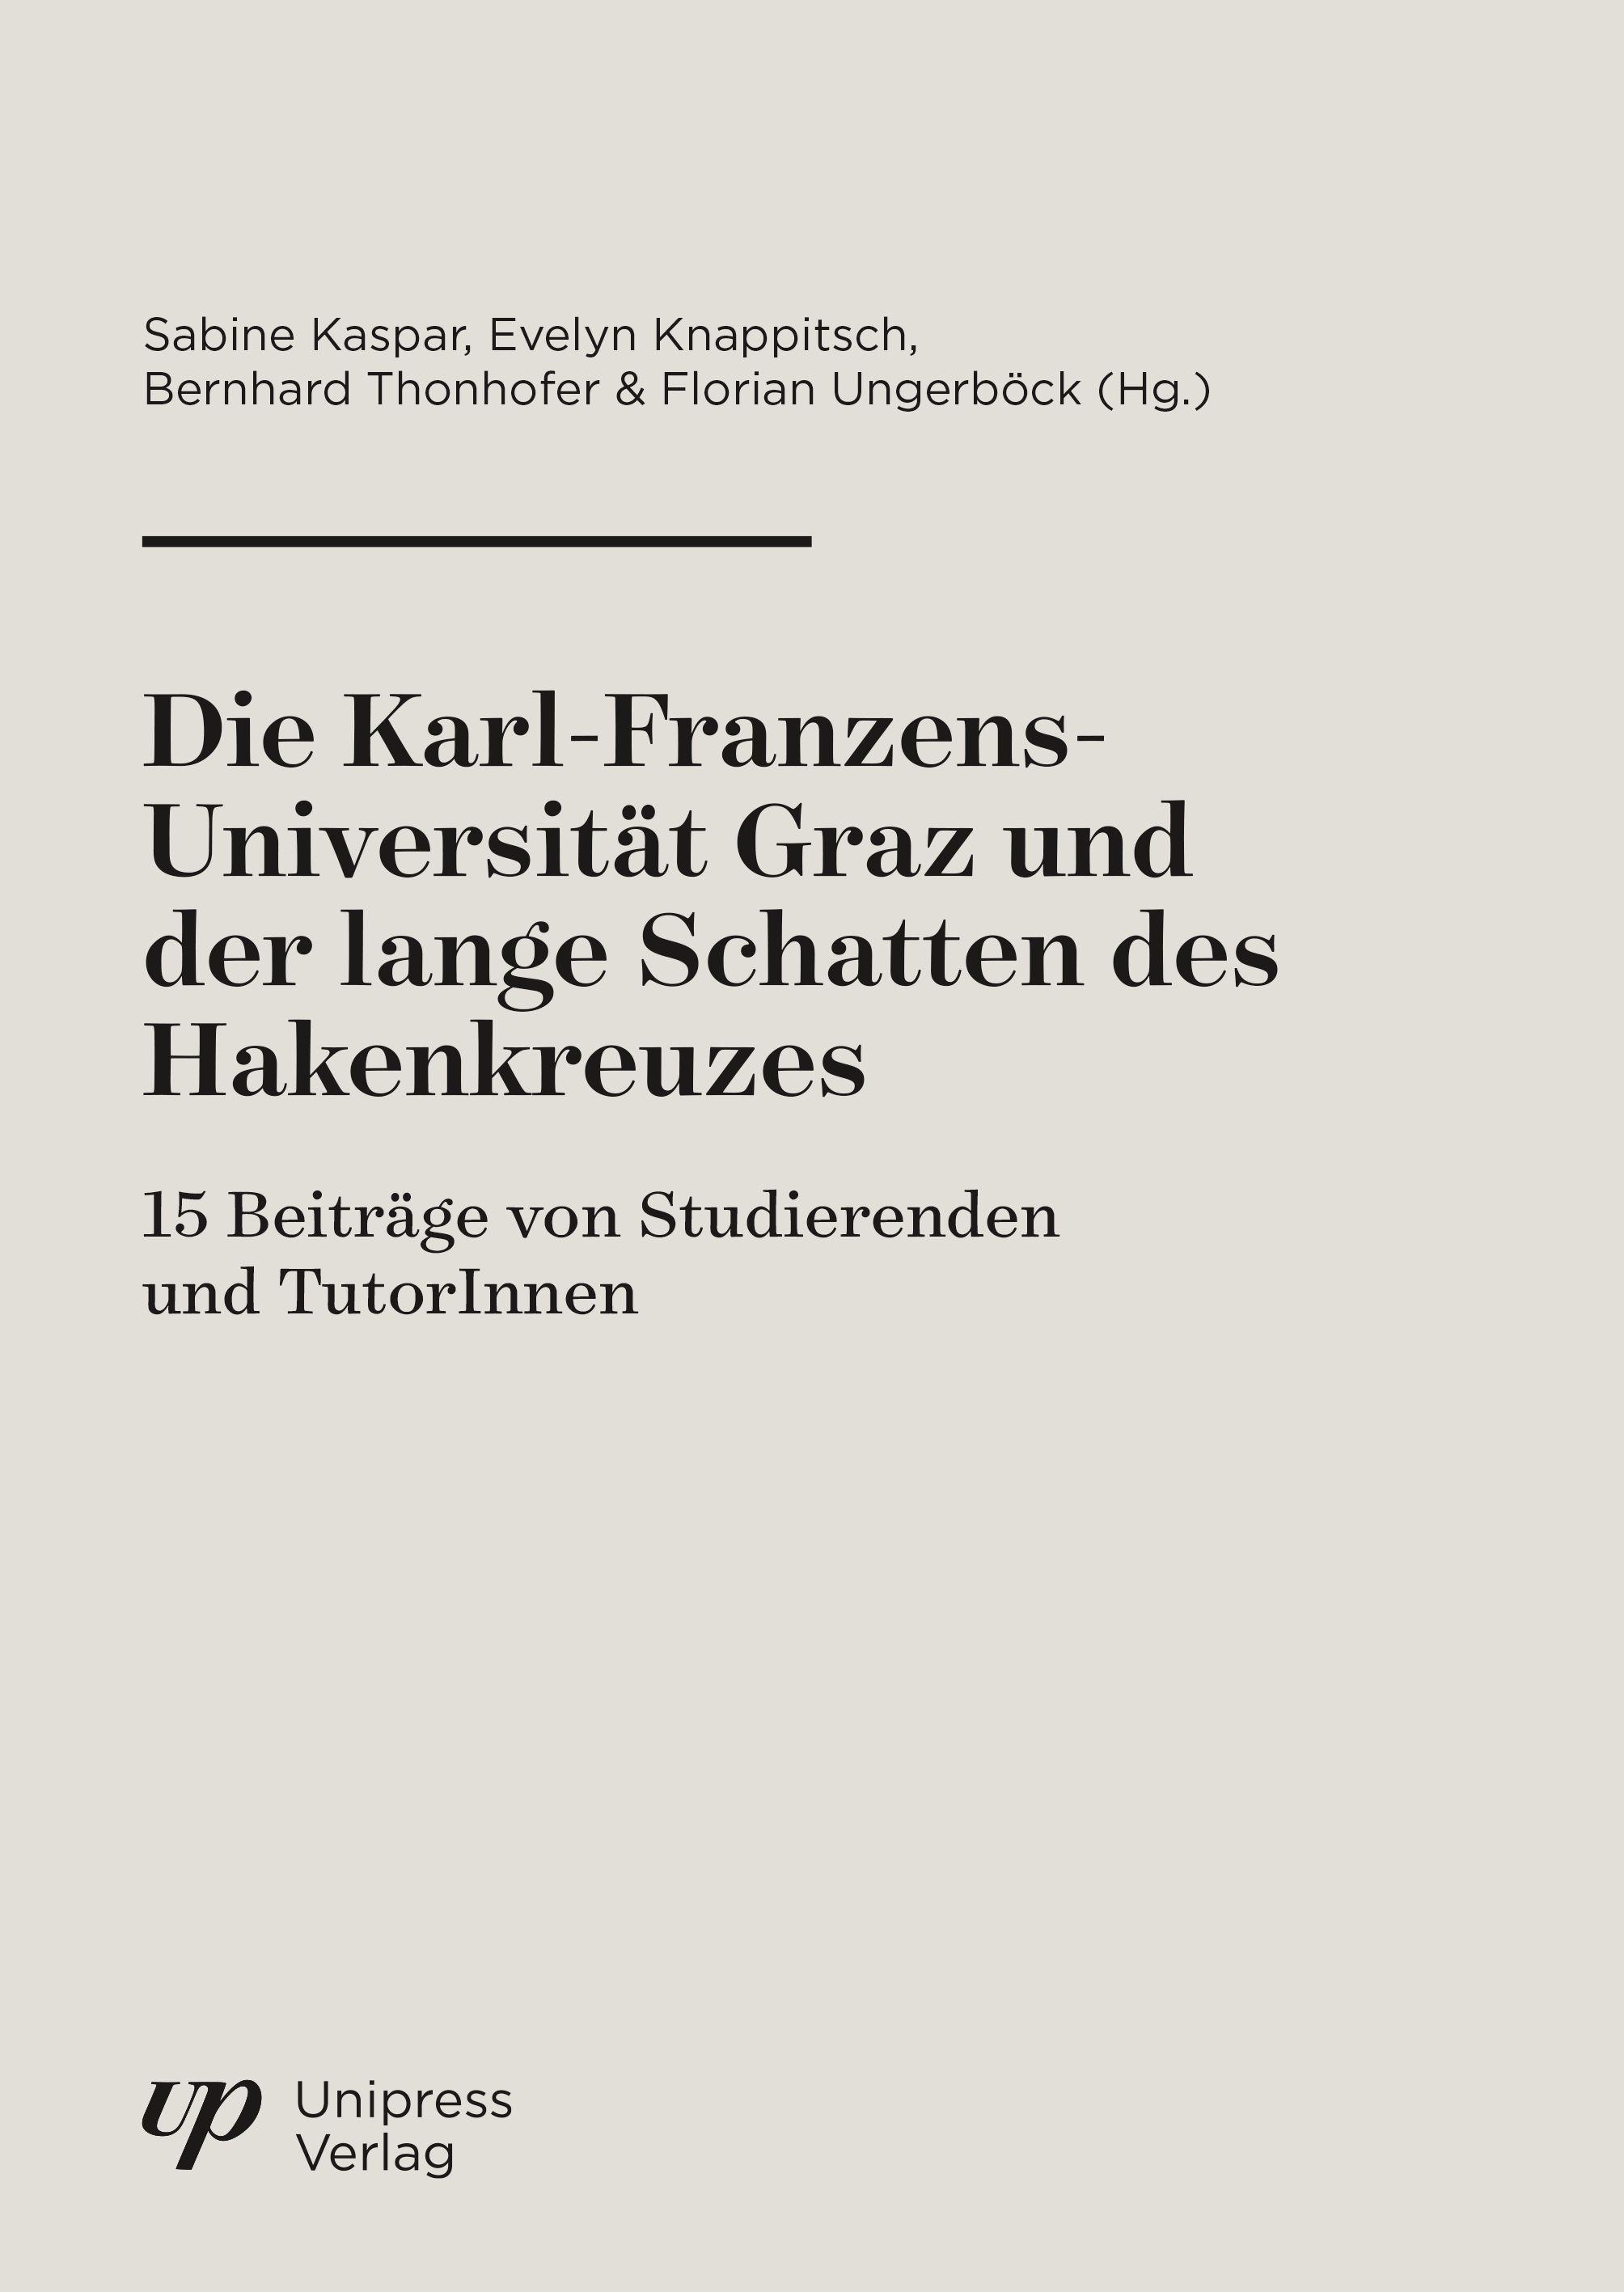 Haken-Universität